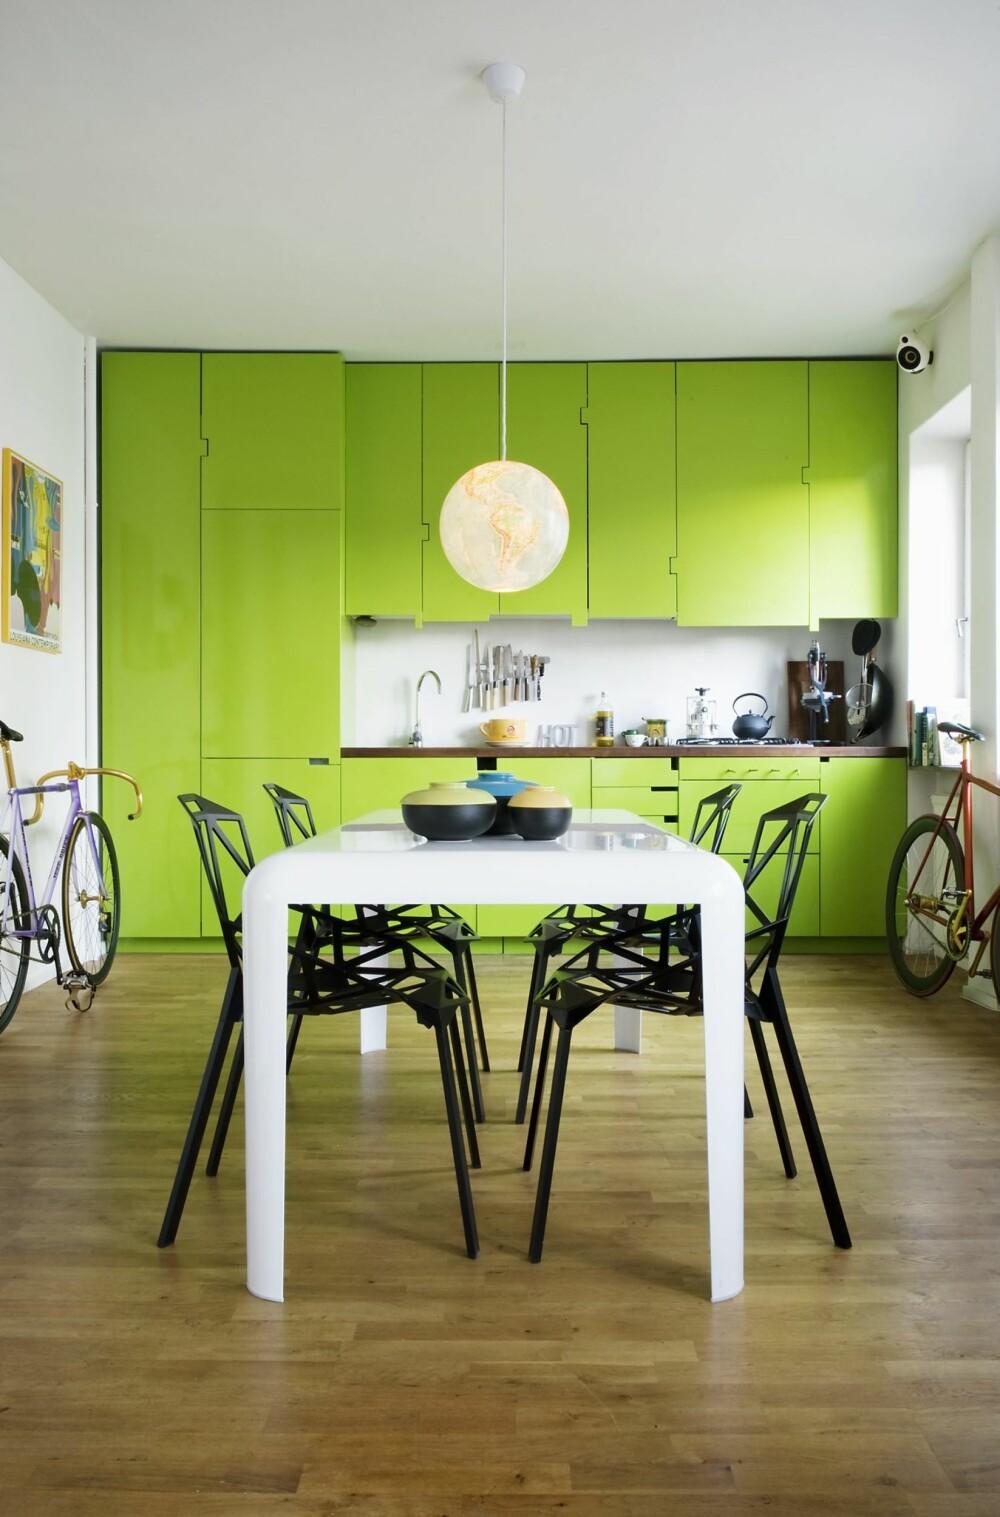 UNNGÅ GRØNN SPISESTUE: Den grønne fargen roer nervene. Dersom du har en stresset hverdag og vil slappe av, kan grønt hjelpe. Men fargen kan visstnok få samtaler til å stilne, og er derfor ikke ideell ved festlig lag.